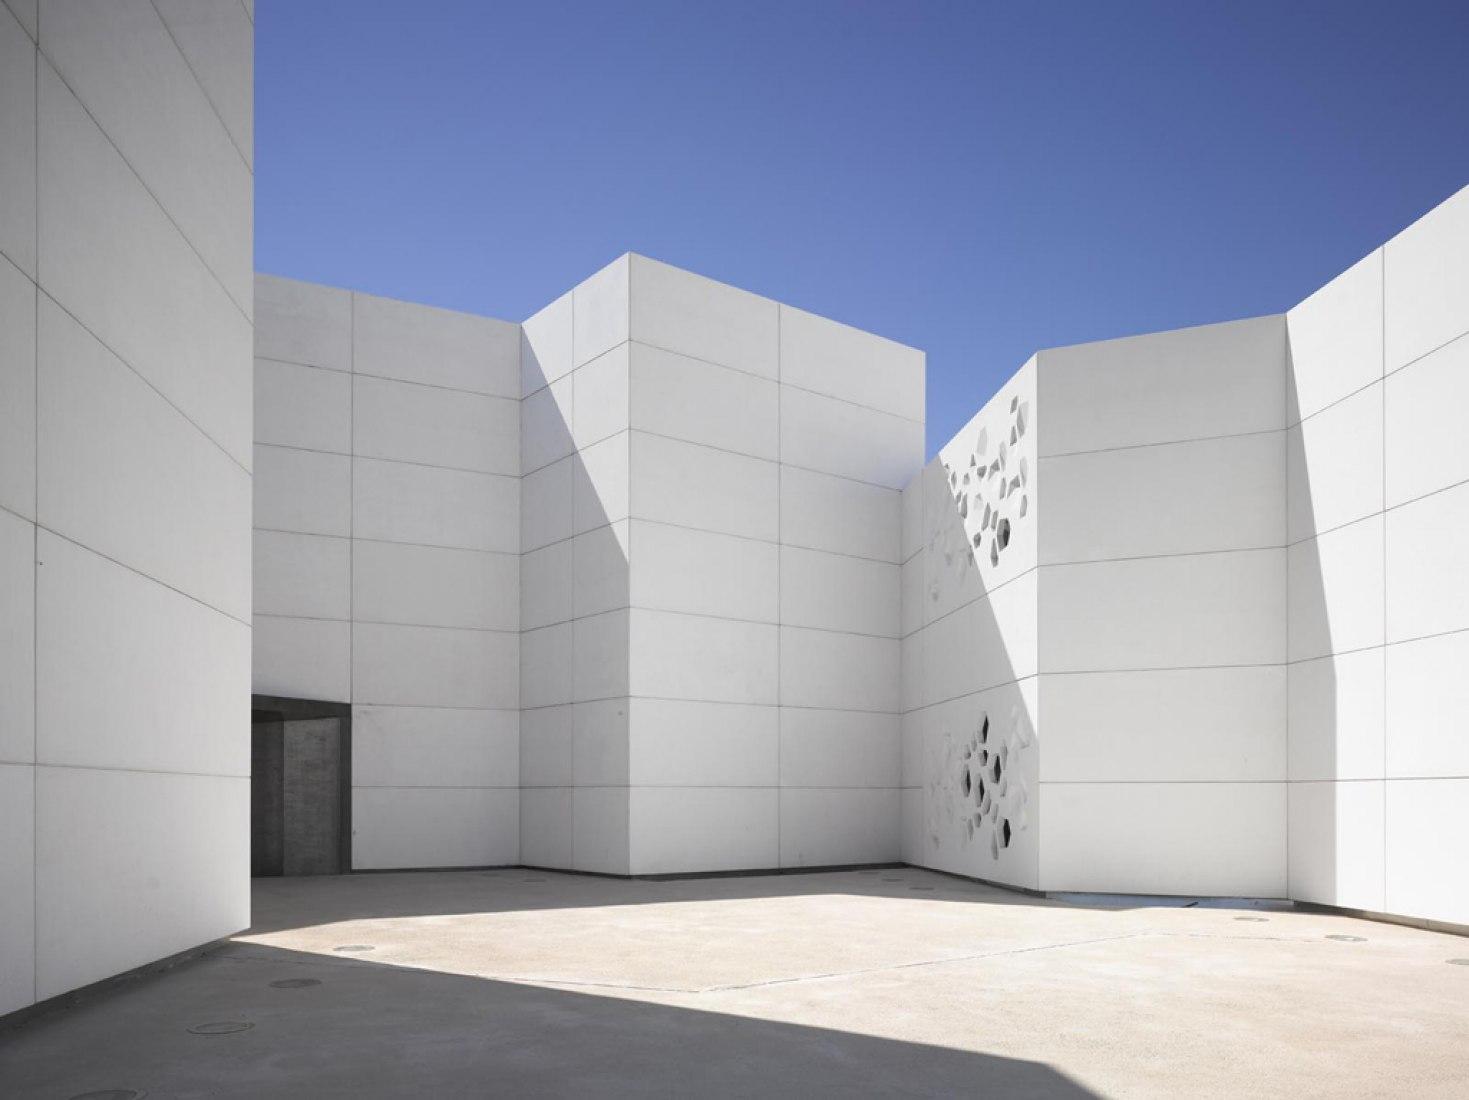 Entrance, Contemporary Art Center by Nieto Sobejano Arquitectos. Photography © Roland Halbe.